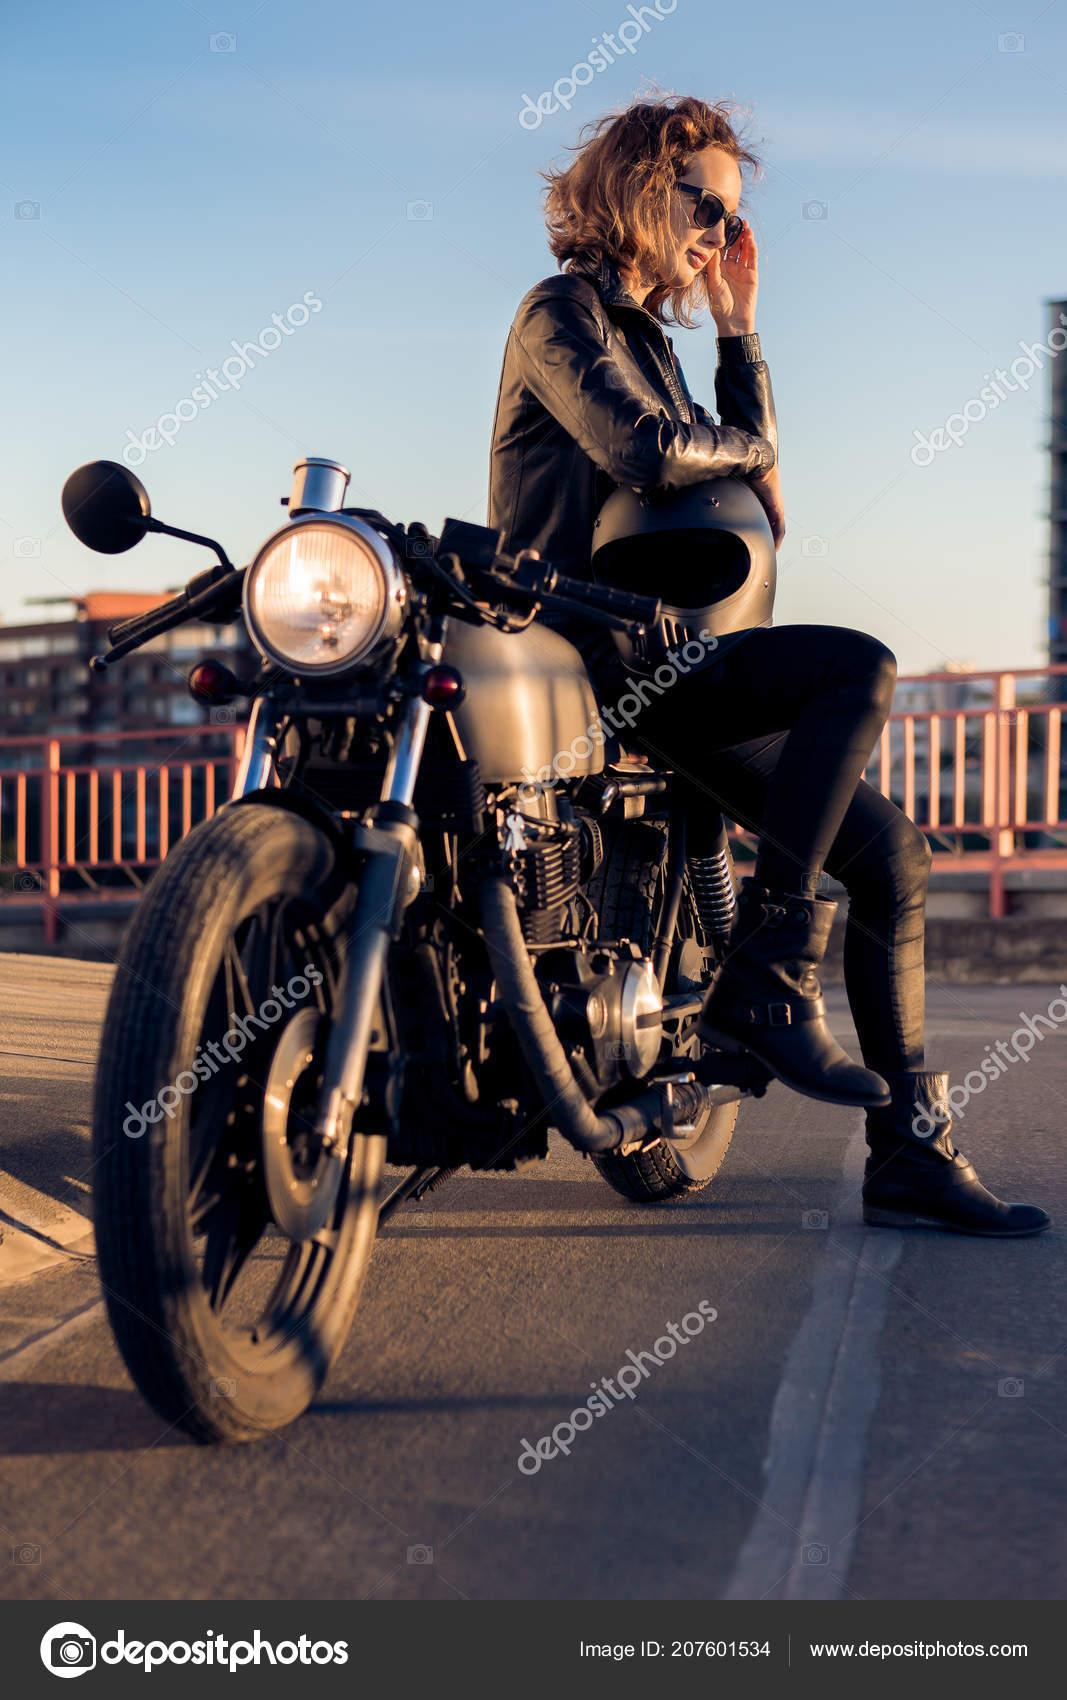 70c8d62c17 Szexi Motoros Fekete Bőrkabát Ülni Vintage Egyéni Caferacer Motorkerékpár  Megfelelő — Stock Fotó